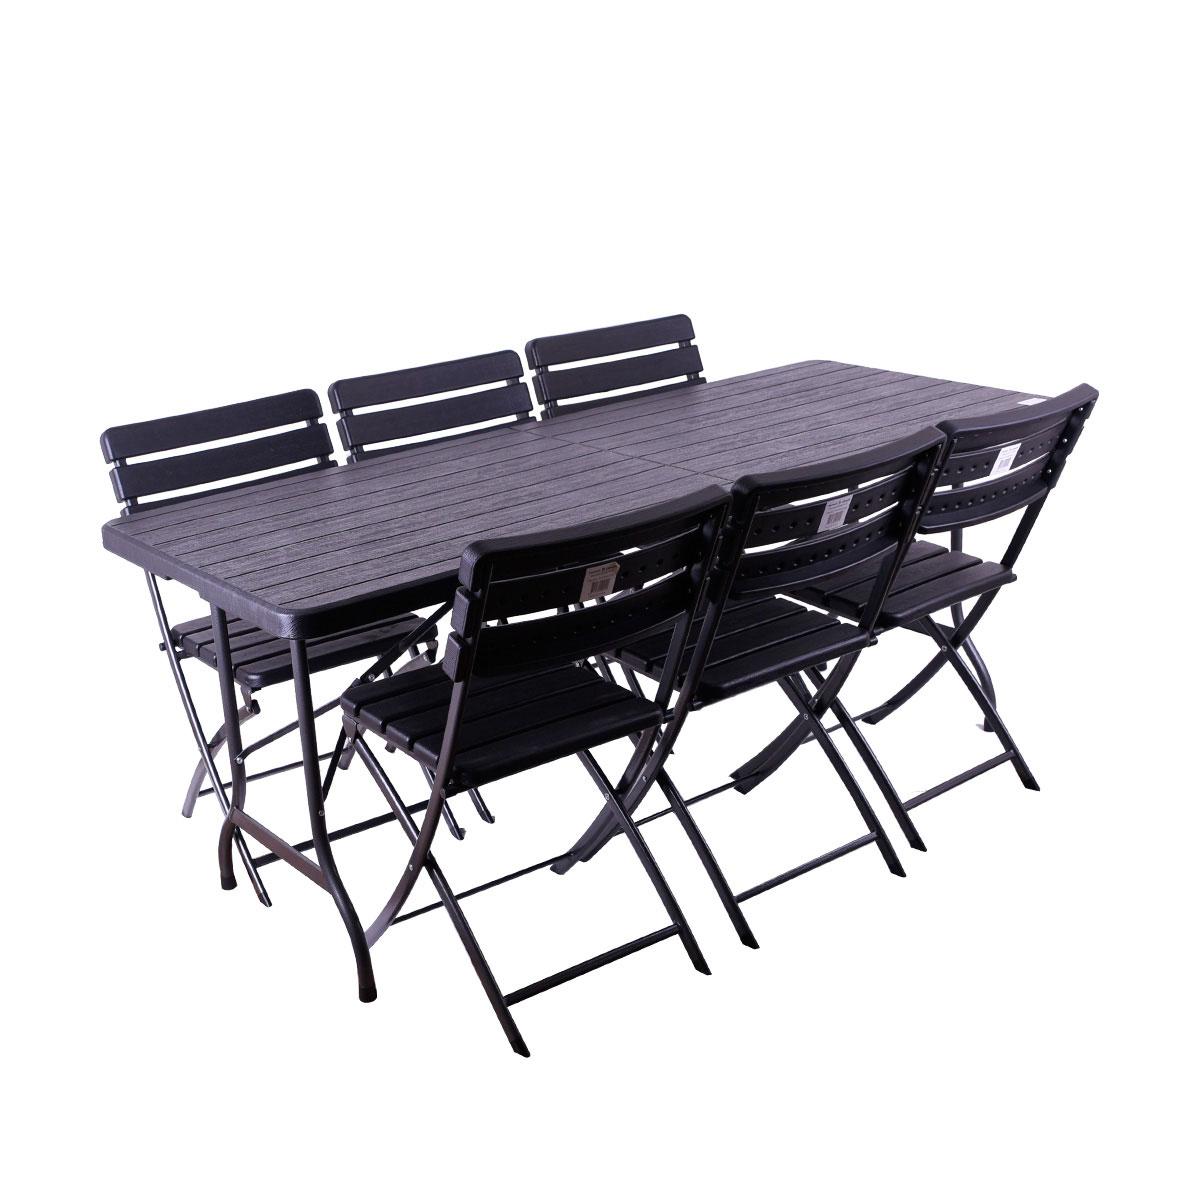 طاولة بلاستيك فايبر مع 6  كرسي قابلة للطي مستطيل اسود - من ماي مارت